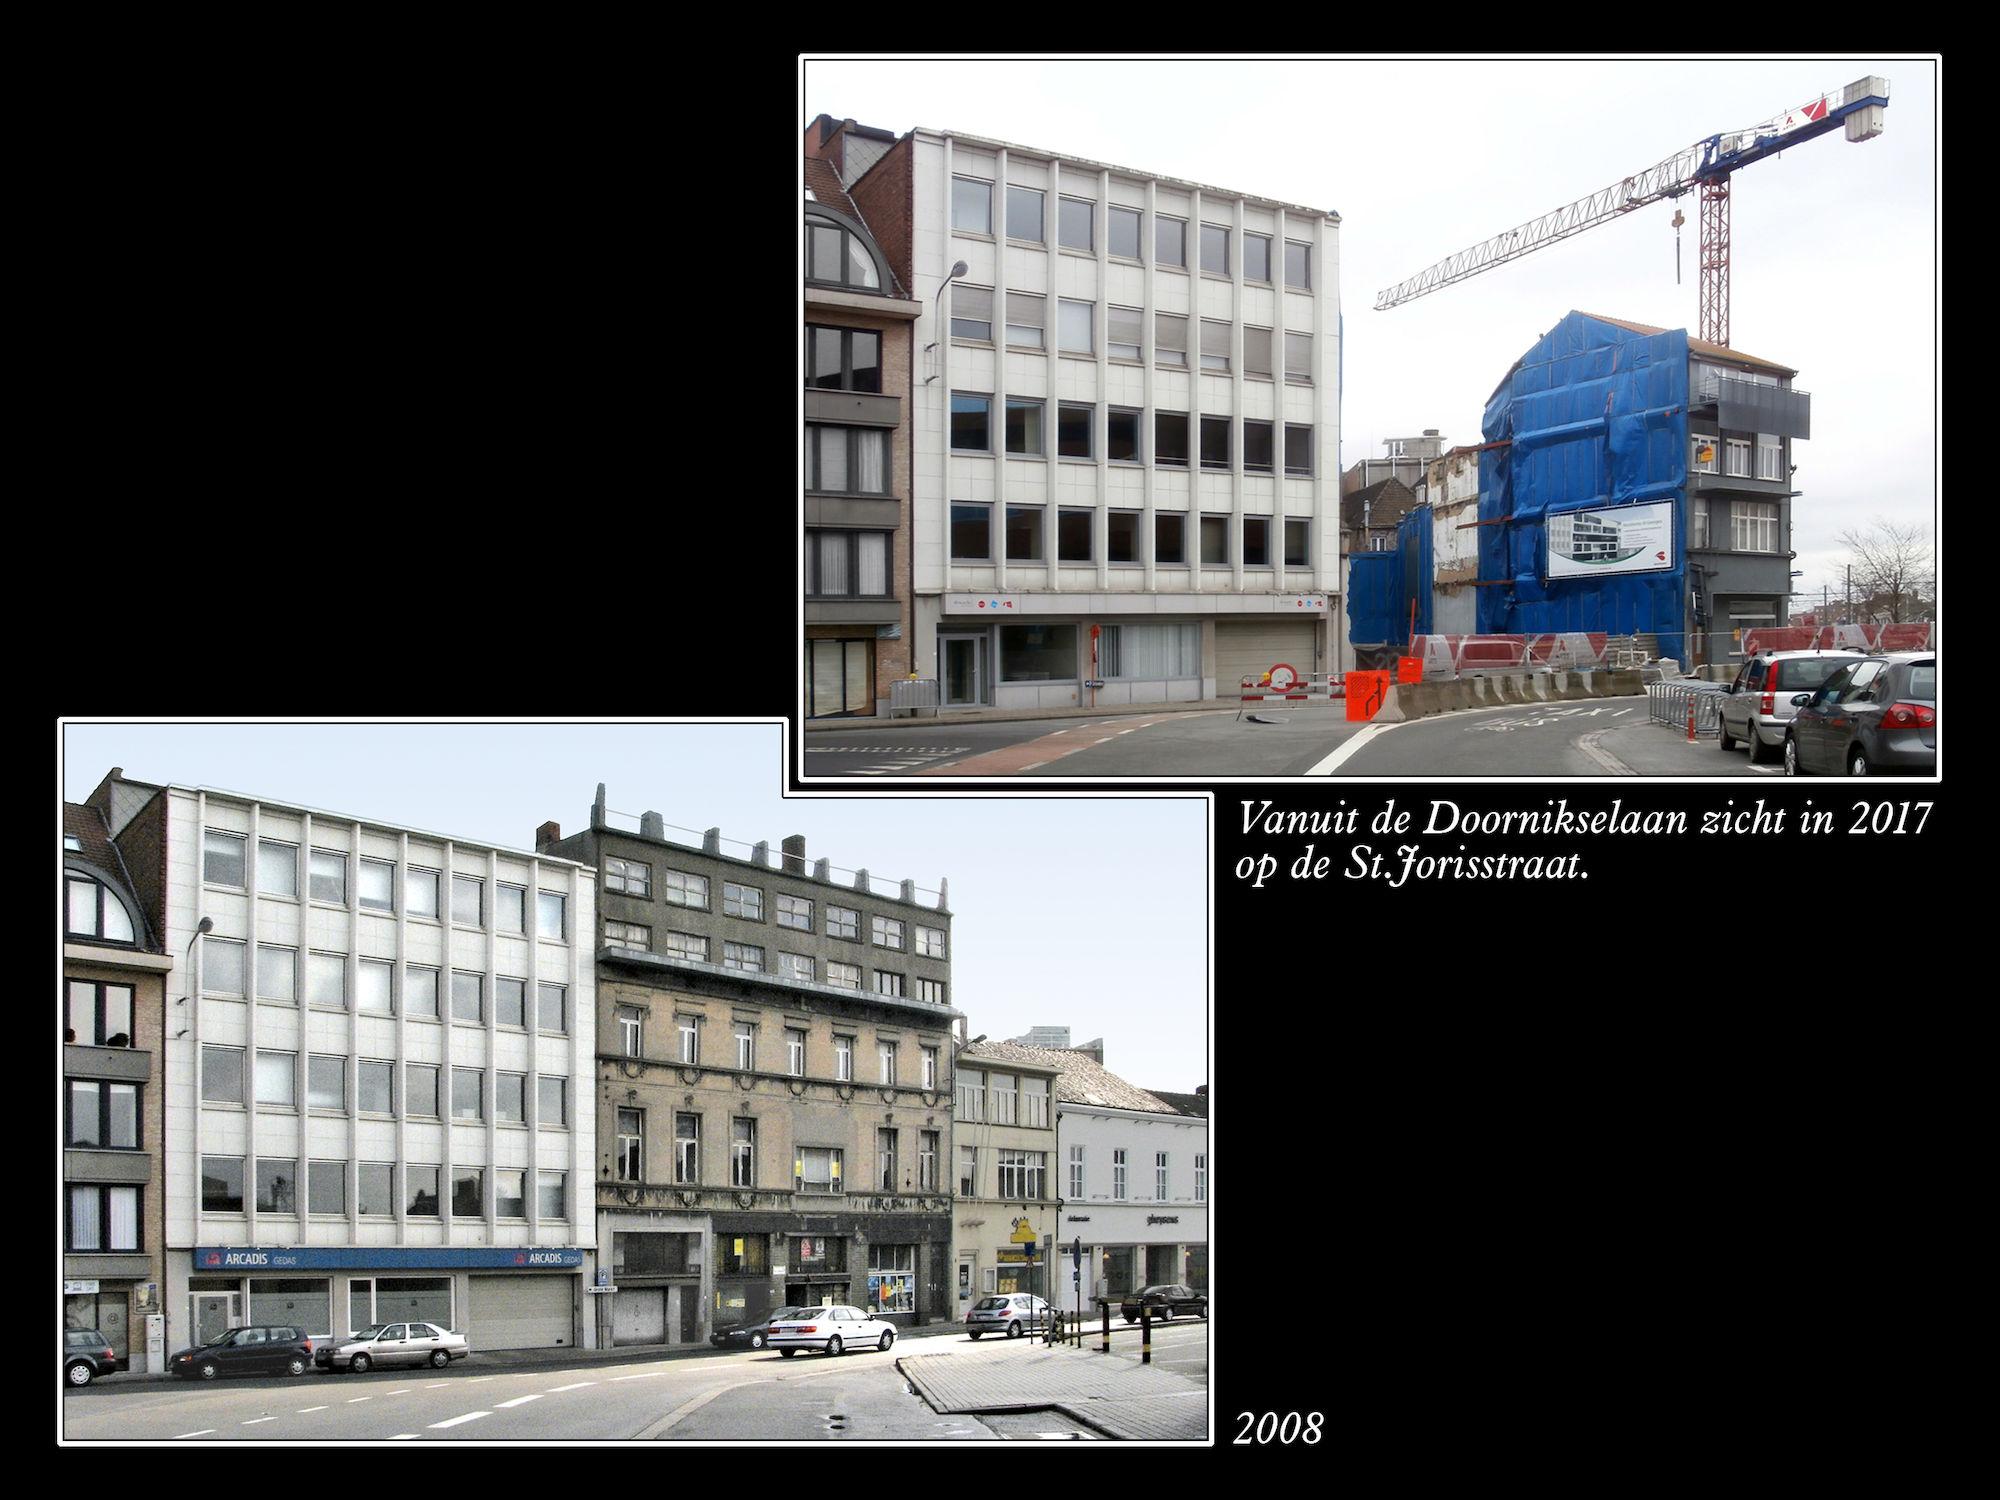 Sint-Jorisstraat 2008 en  2017